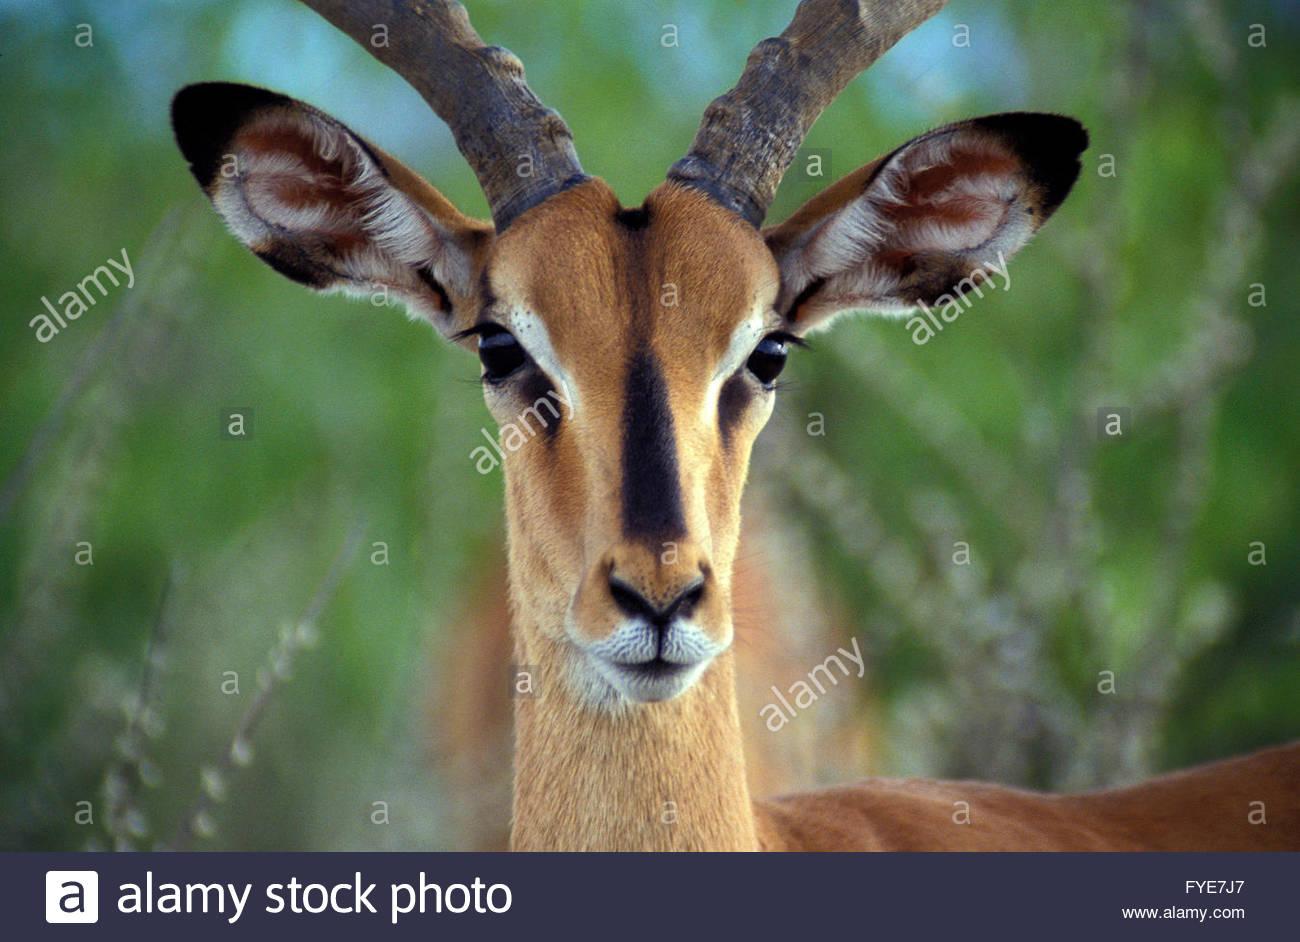 Impala antelope, National Park of Etosha Namibia. - Stock Image